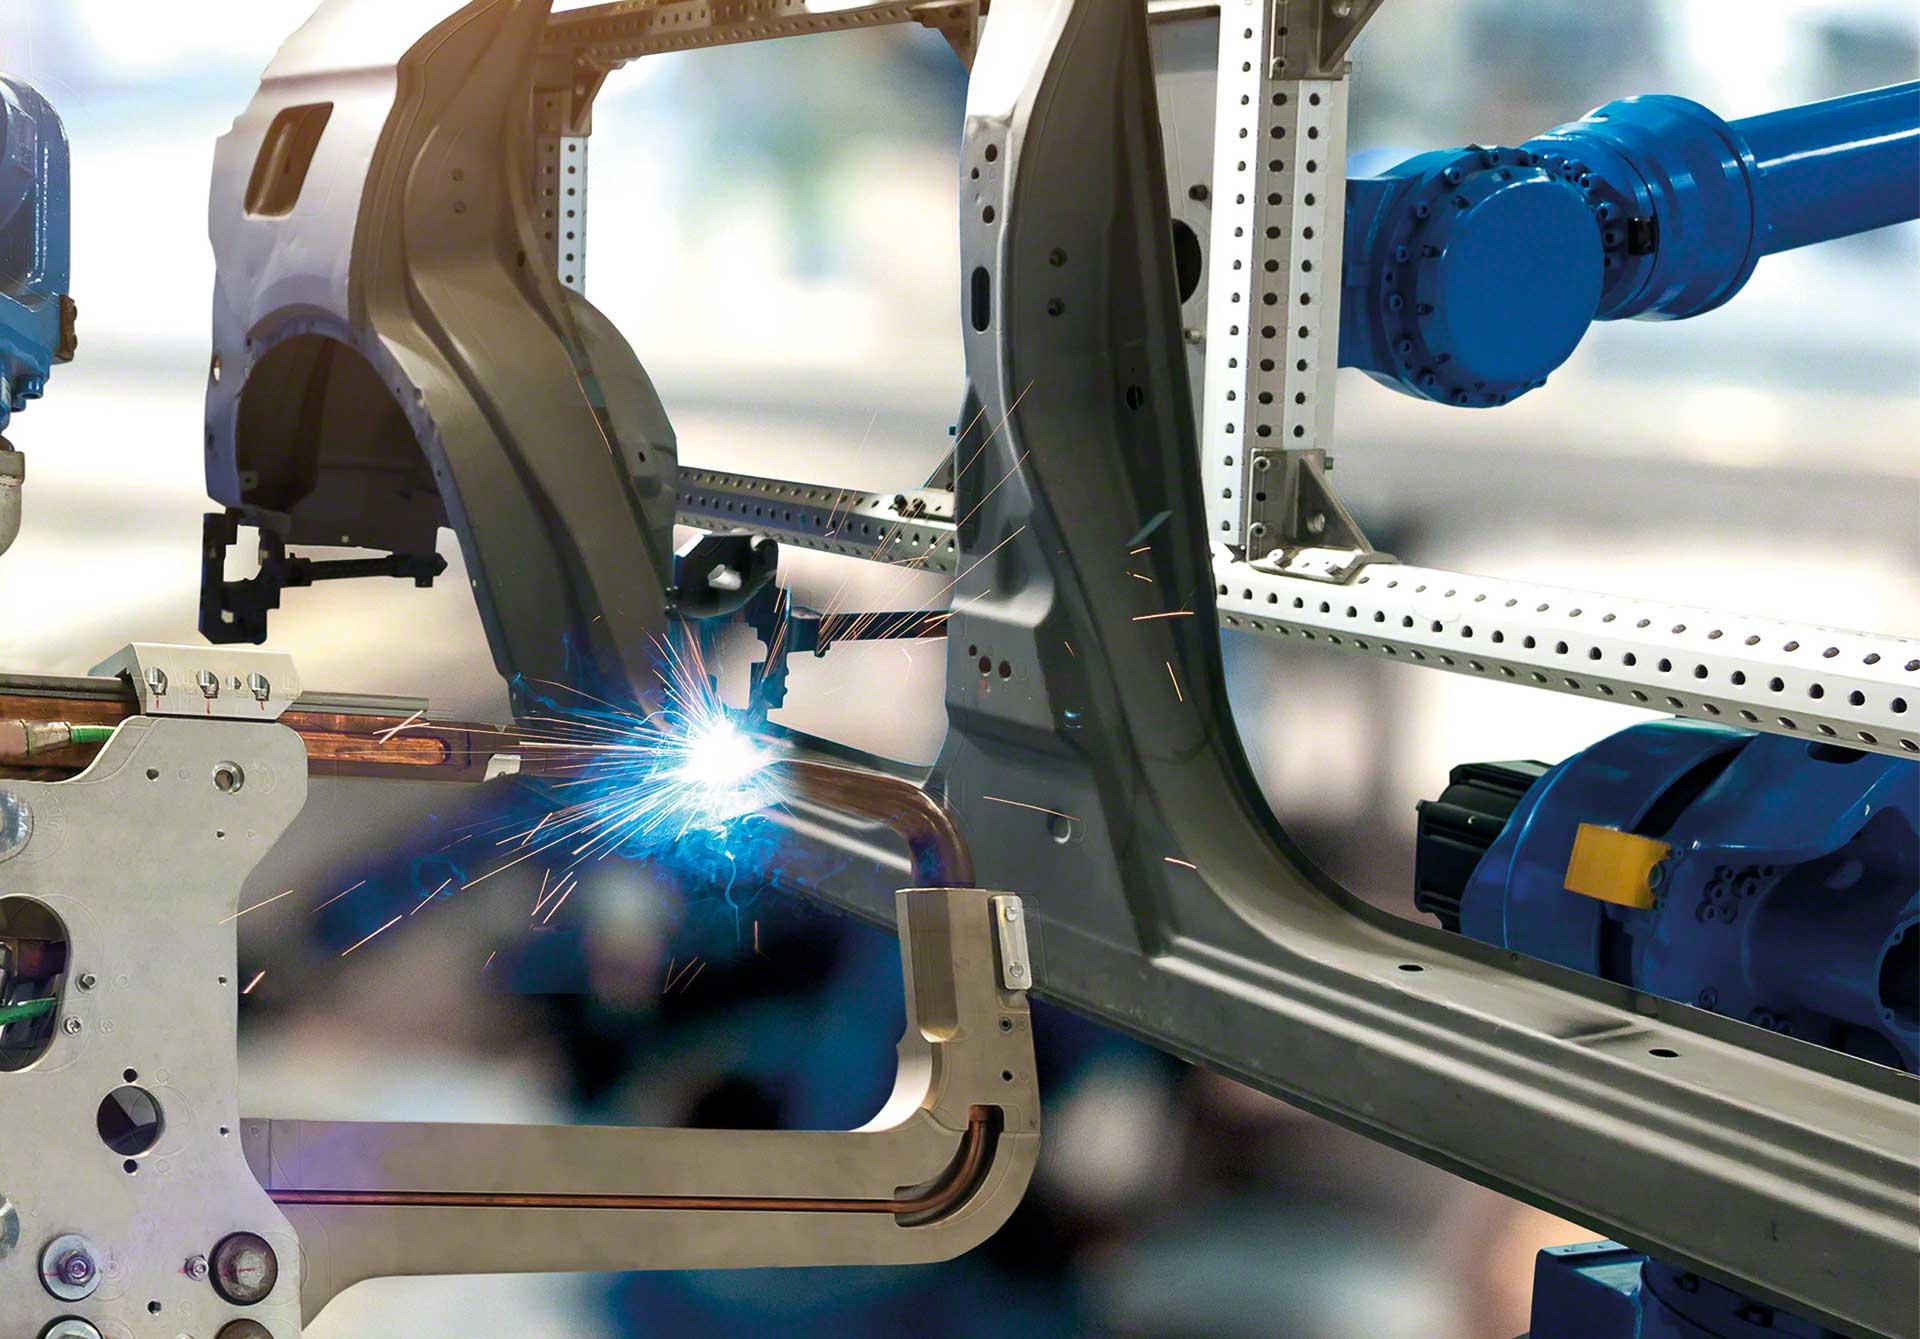 El sistema MRP garantiza una planificación eficiente de las actividades de producción, compra y entrega de material